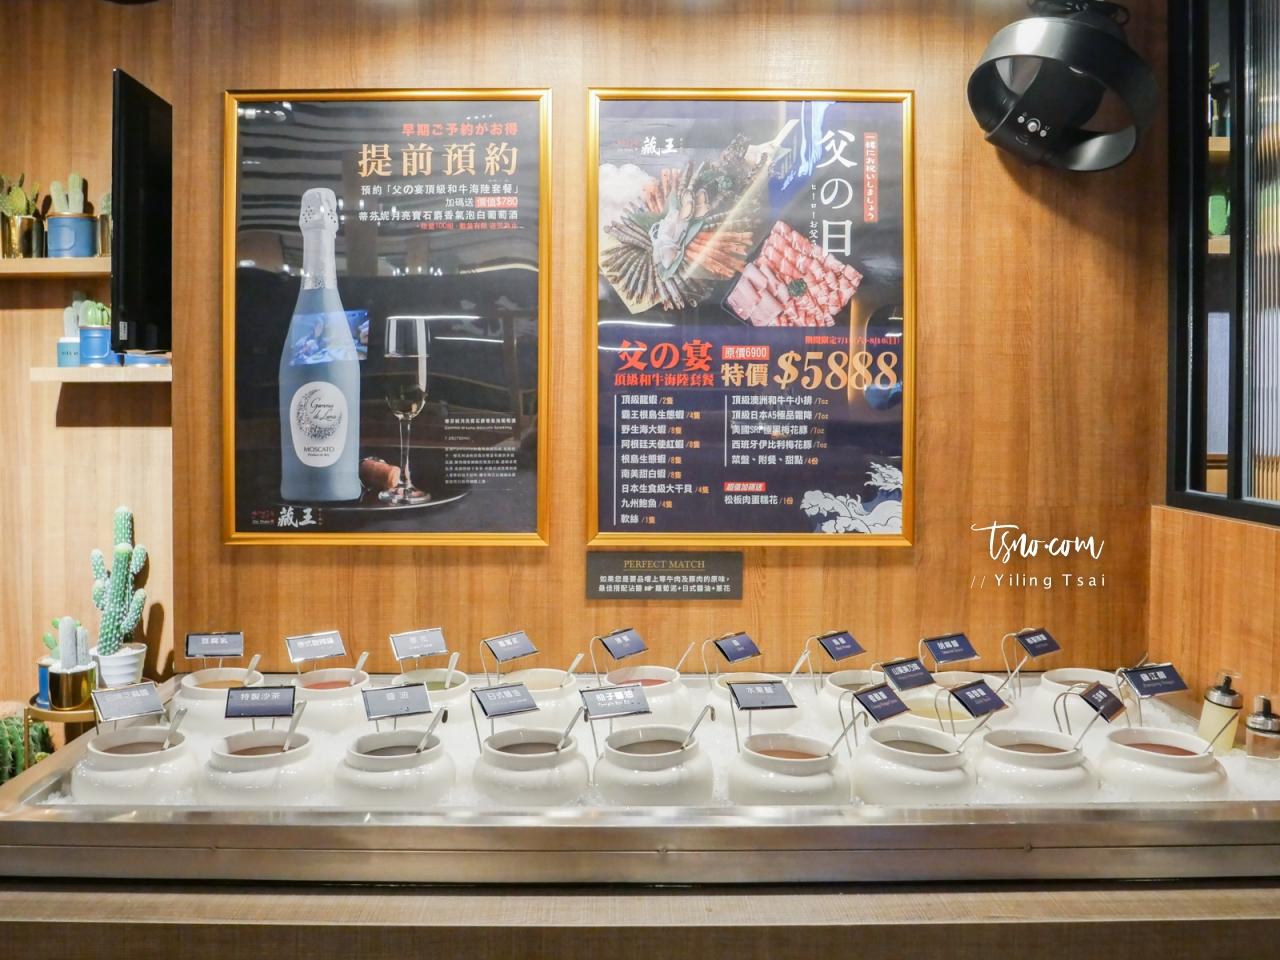 林口火鍋推薦 藏王極上鍋物 日本 A5 和牛頂級海陸鍋 昕境廣場美食餐廳